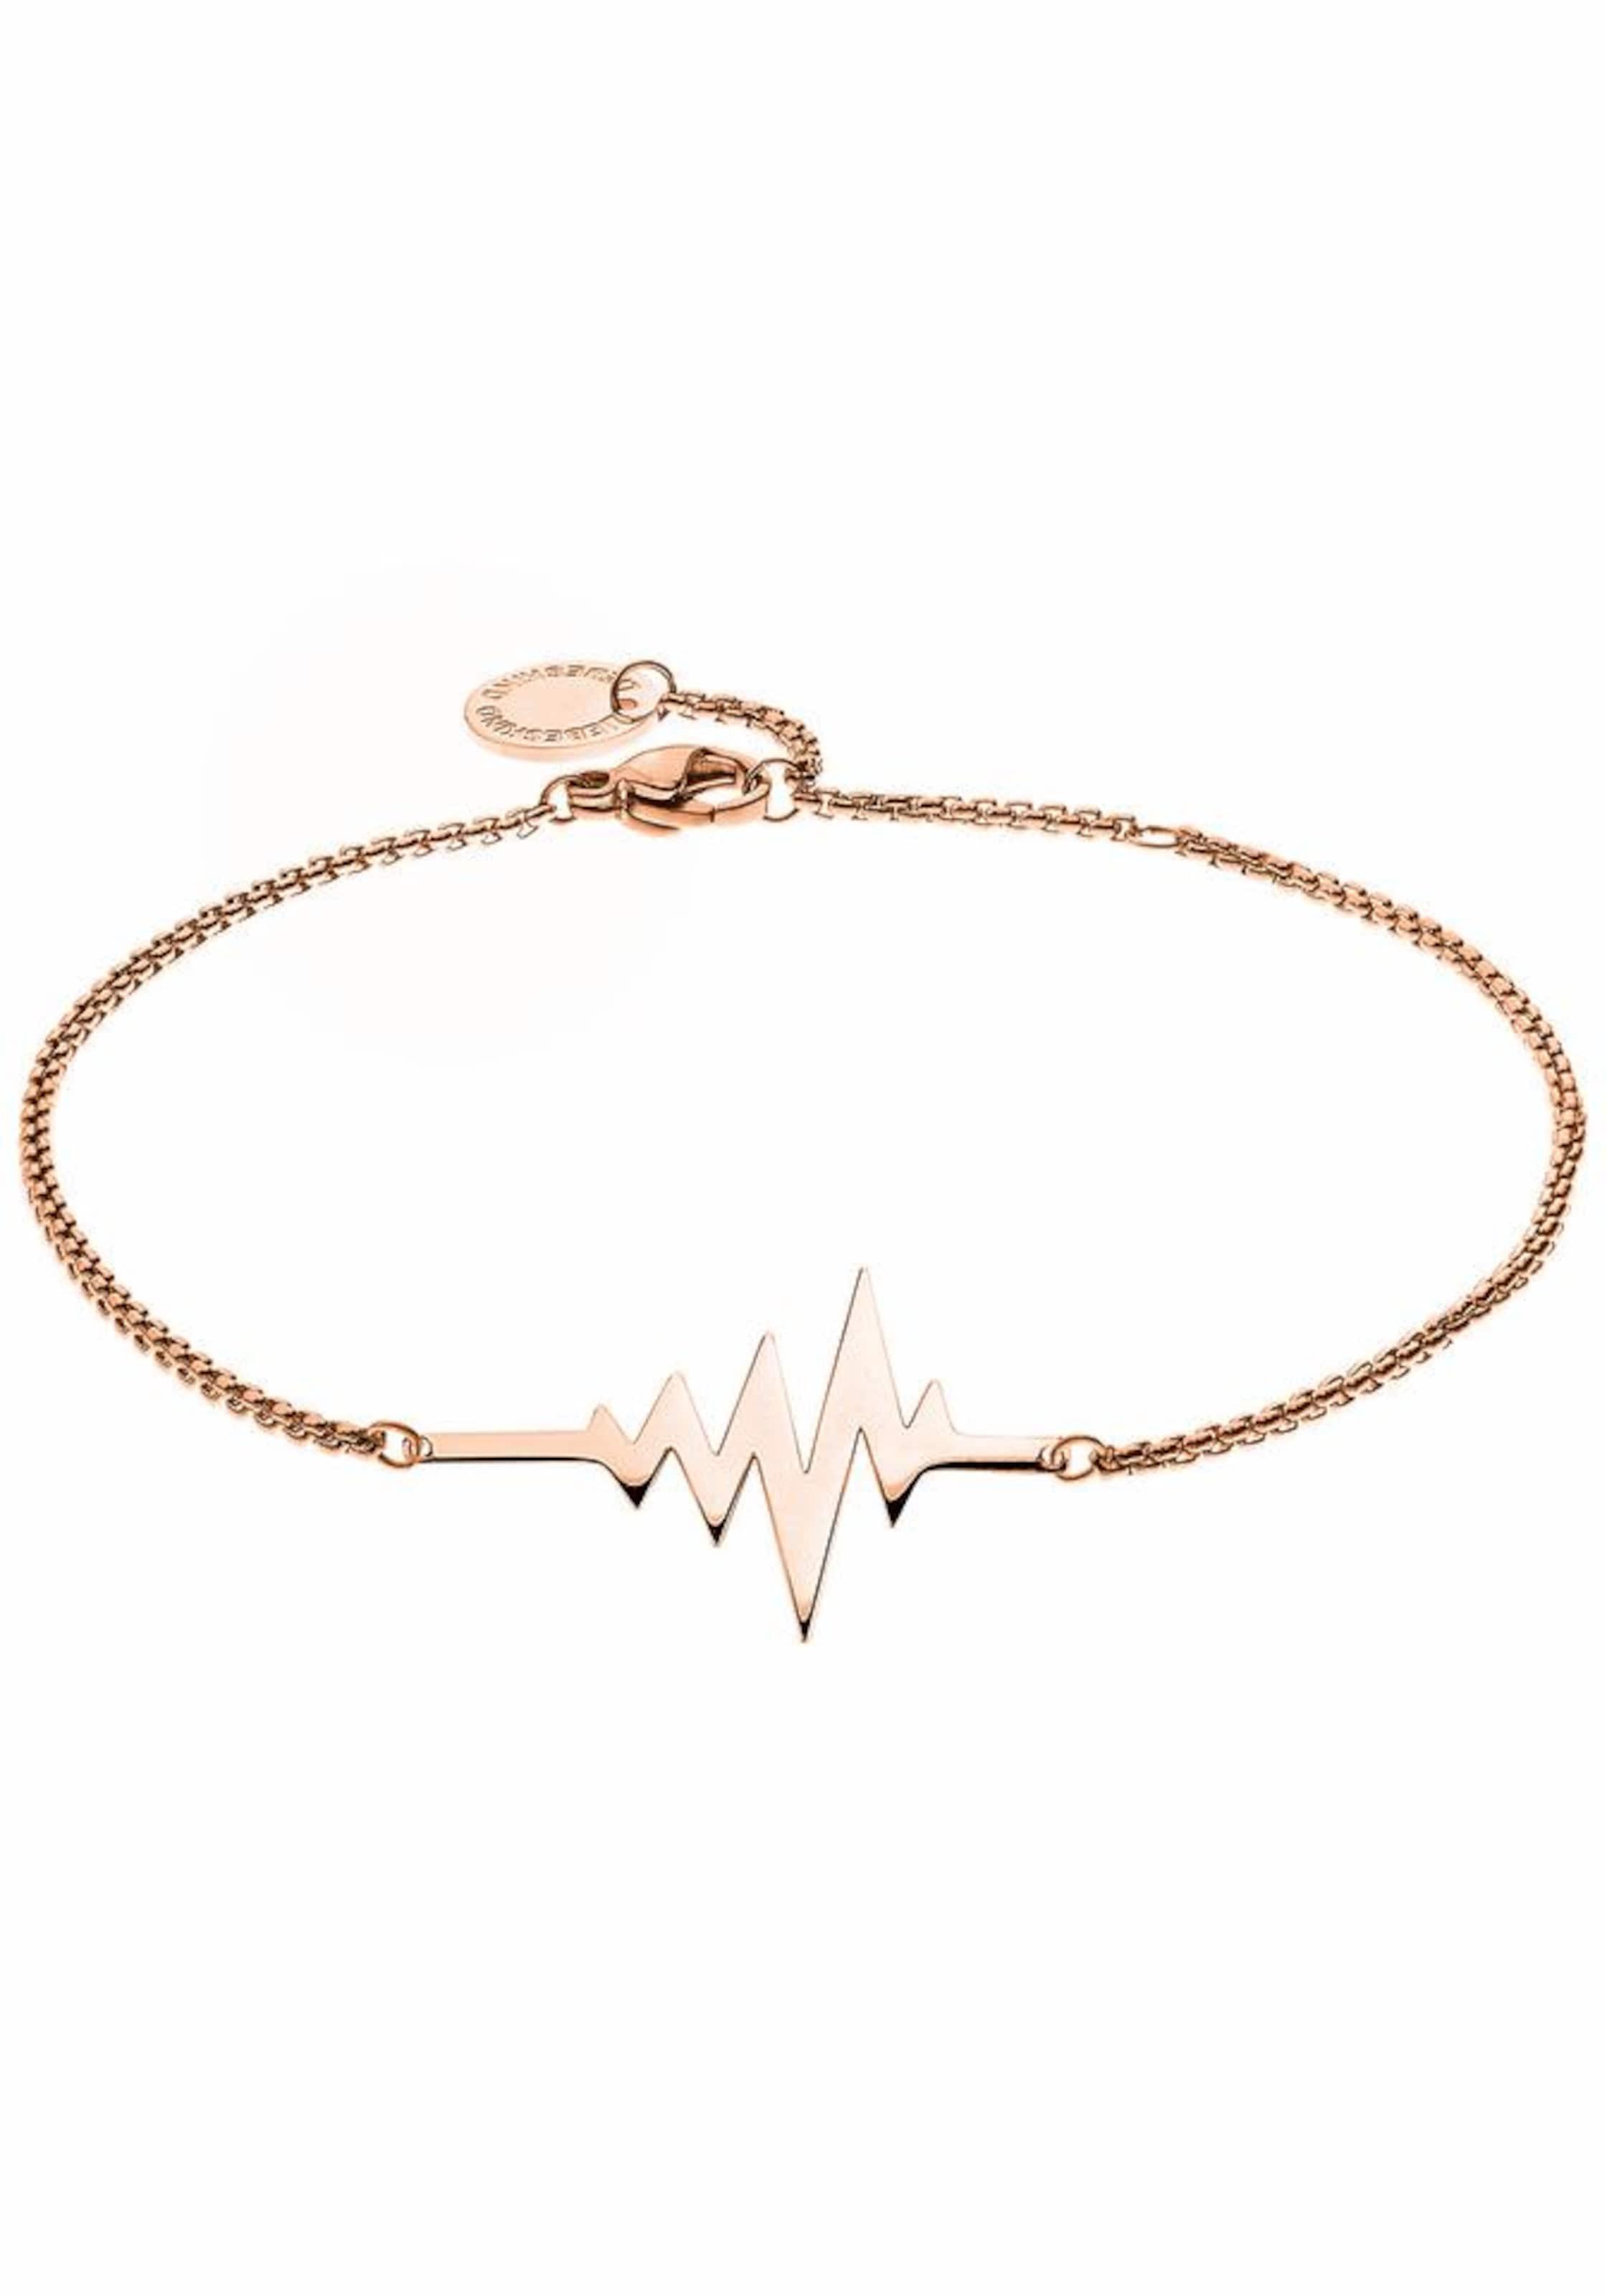 Liebeskind Berlin Armband 'LJ-0157-B-20' Kaufen Wirklich Billig Online Bestellen o2rRI7w5